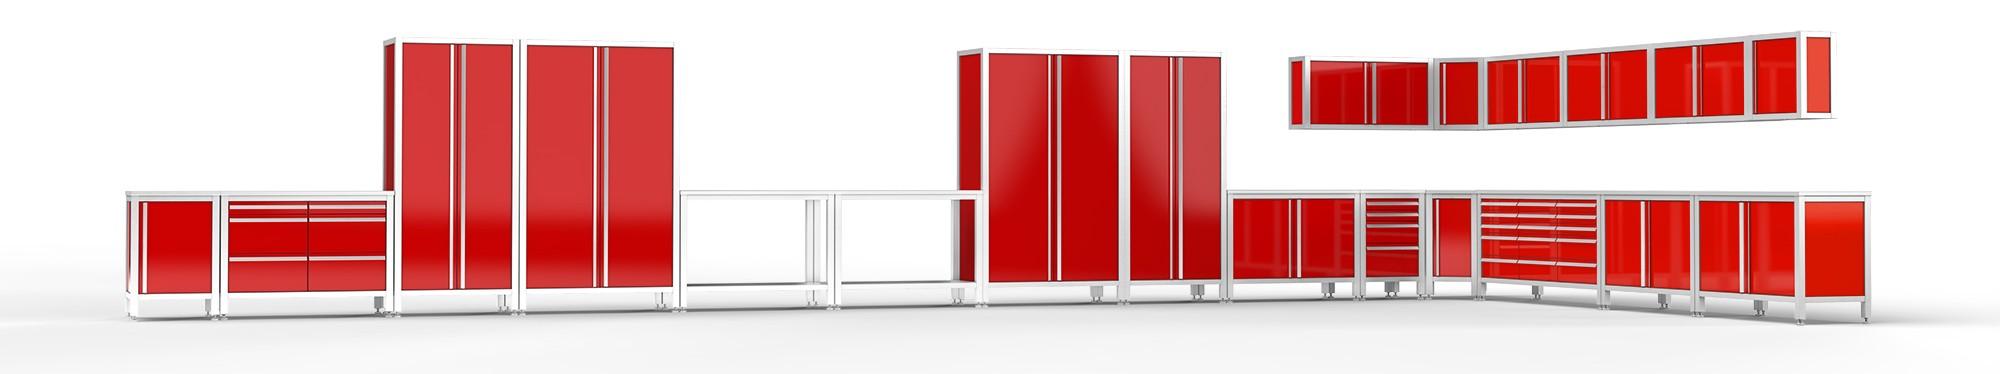 Raum Werktstatt - Garageneinrichtung - Edelstahlmodule von MASCEN in rot